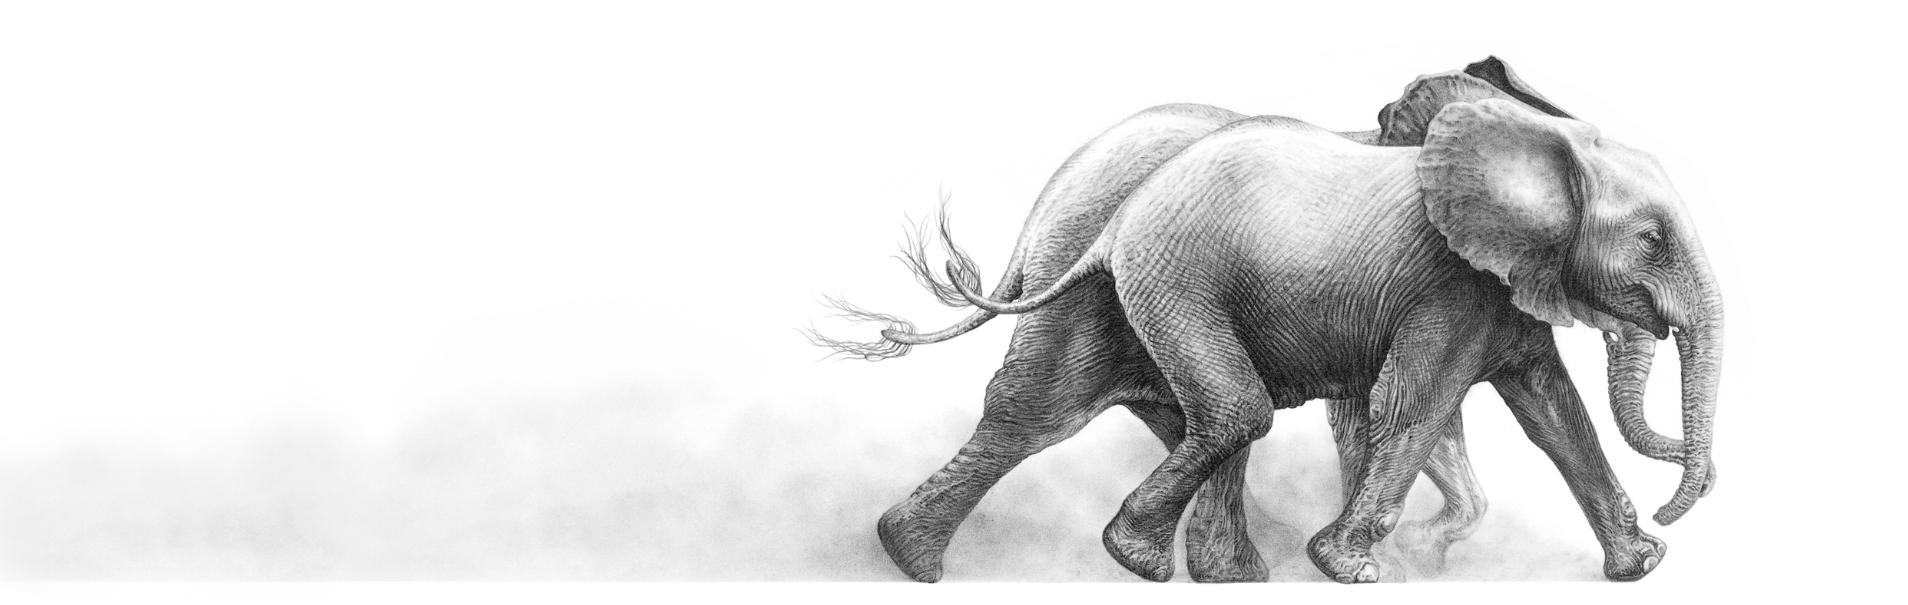 Joy 2003 (African elephants)